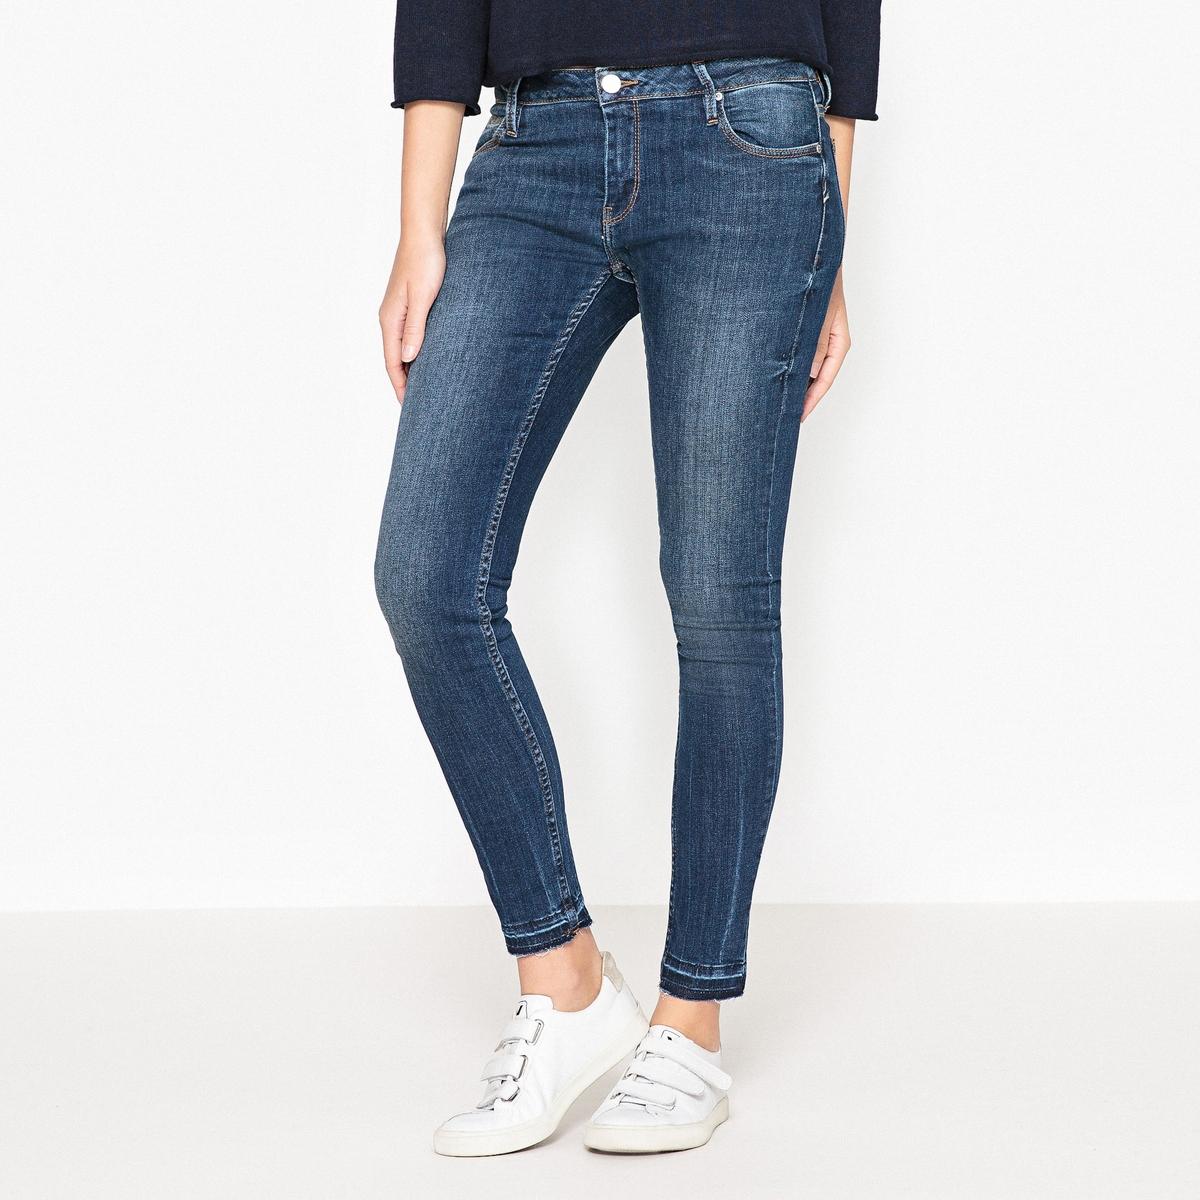 Джинсы-скинни с бахромой LILY DENIM current elliott укороченные джинсы скинни